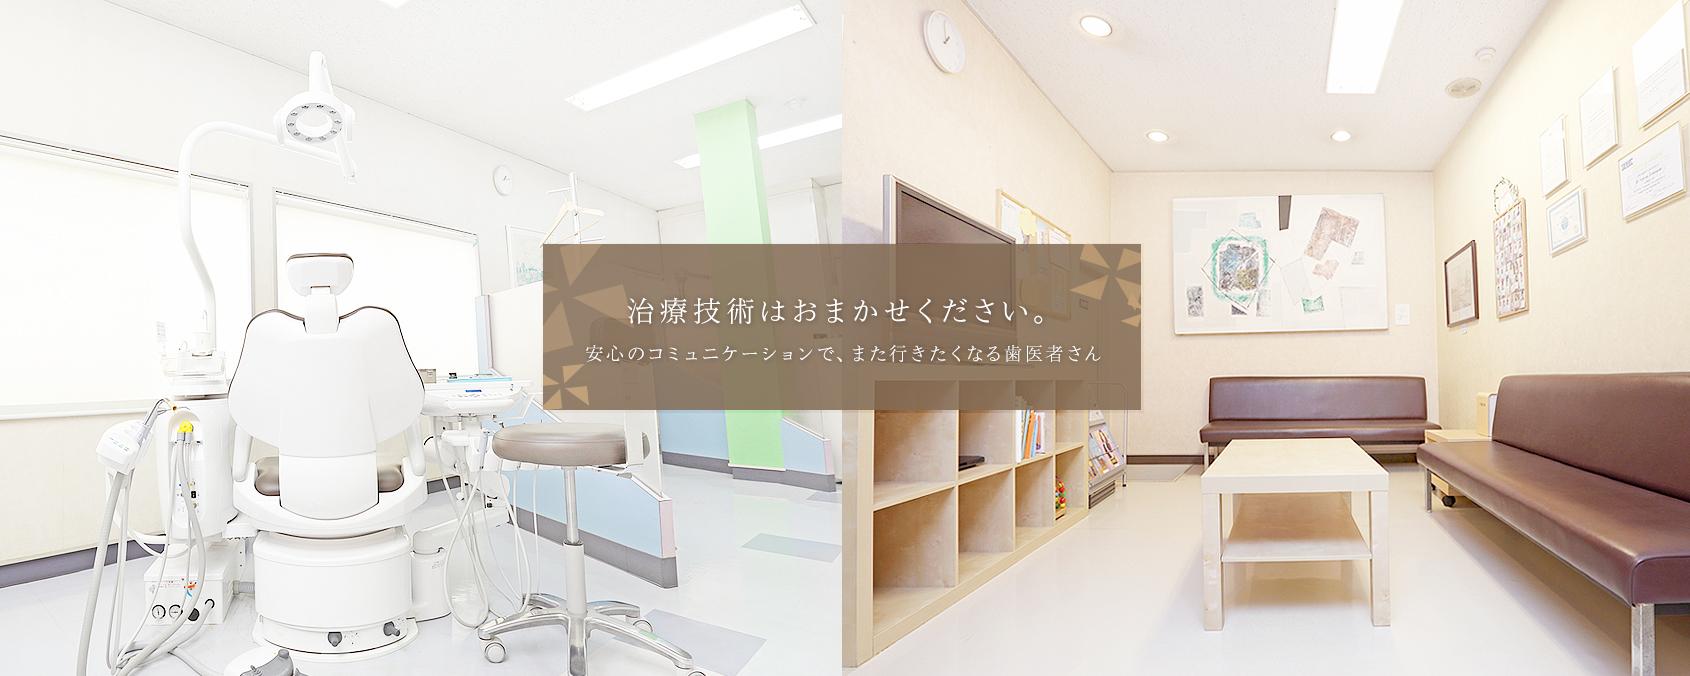 治療技術はおまかせください。安心のコミュニケーションで、また行きたくなる歯医者さん